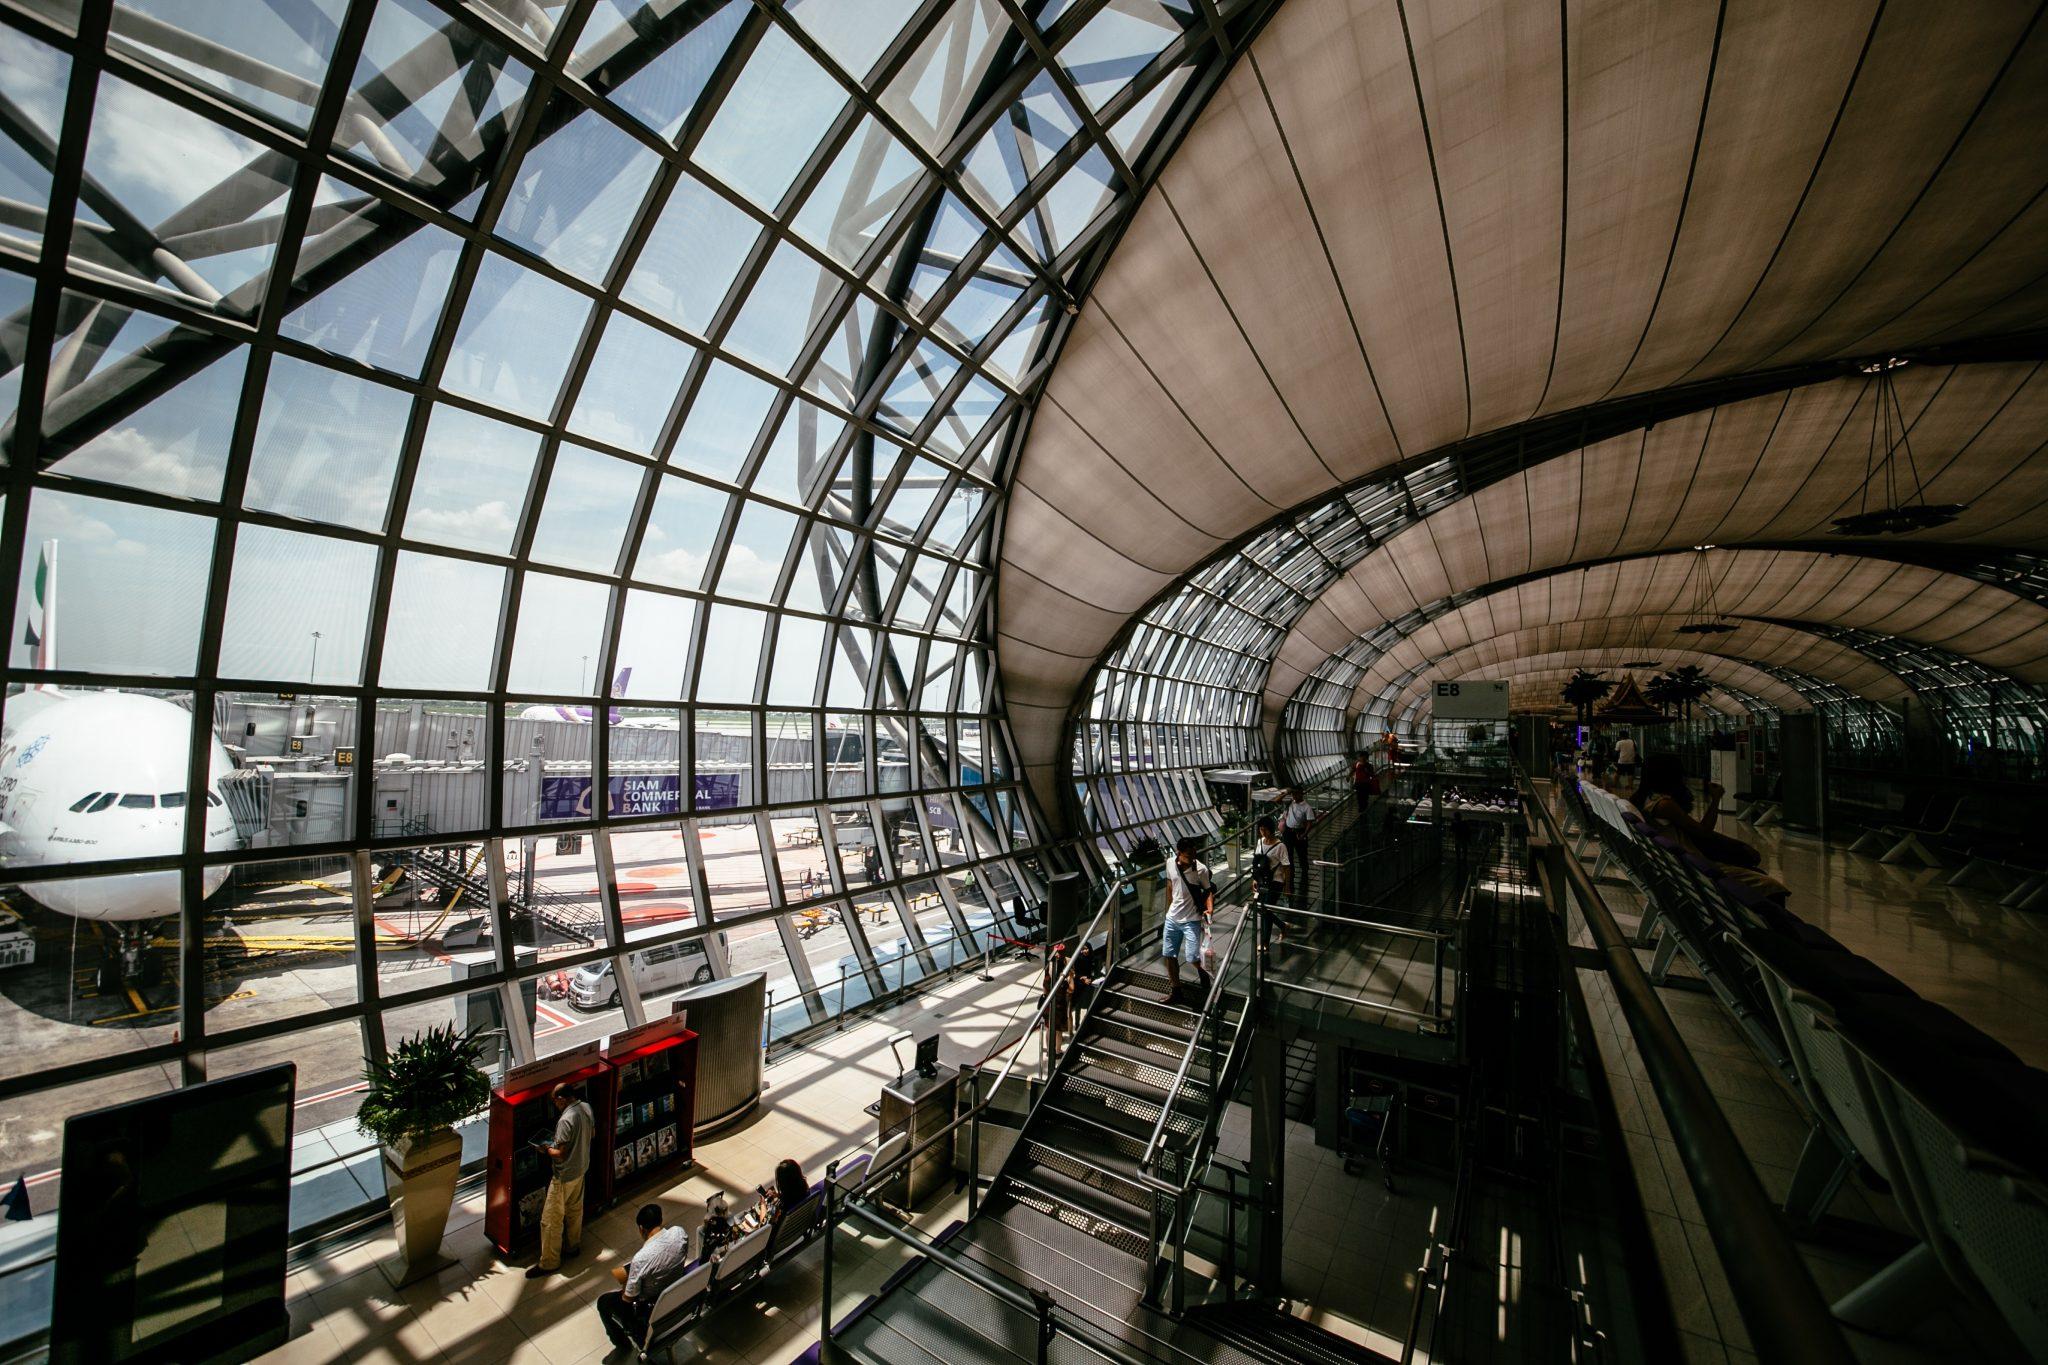 Suvarnabhumi Airport ประกันเดินทาง ประกันการเดินทาง ประกันเดินทางต่างประเทศ